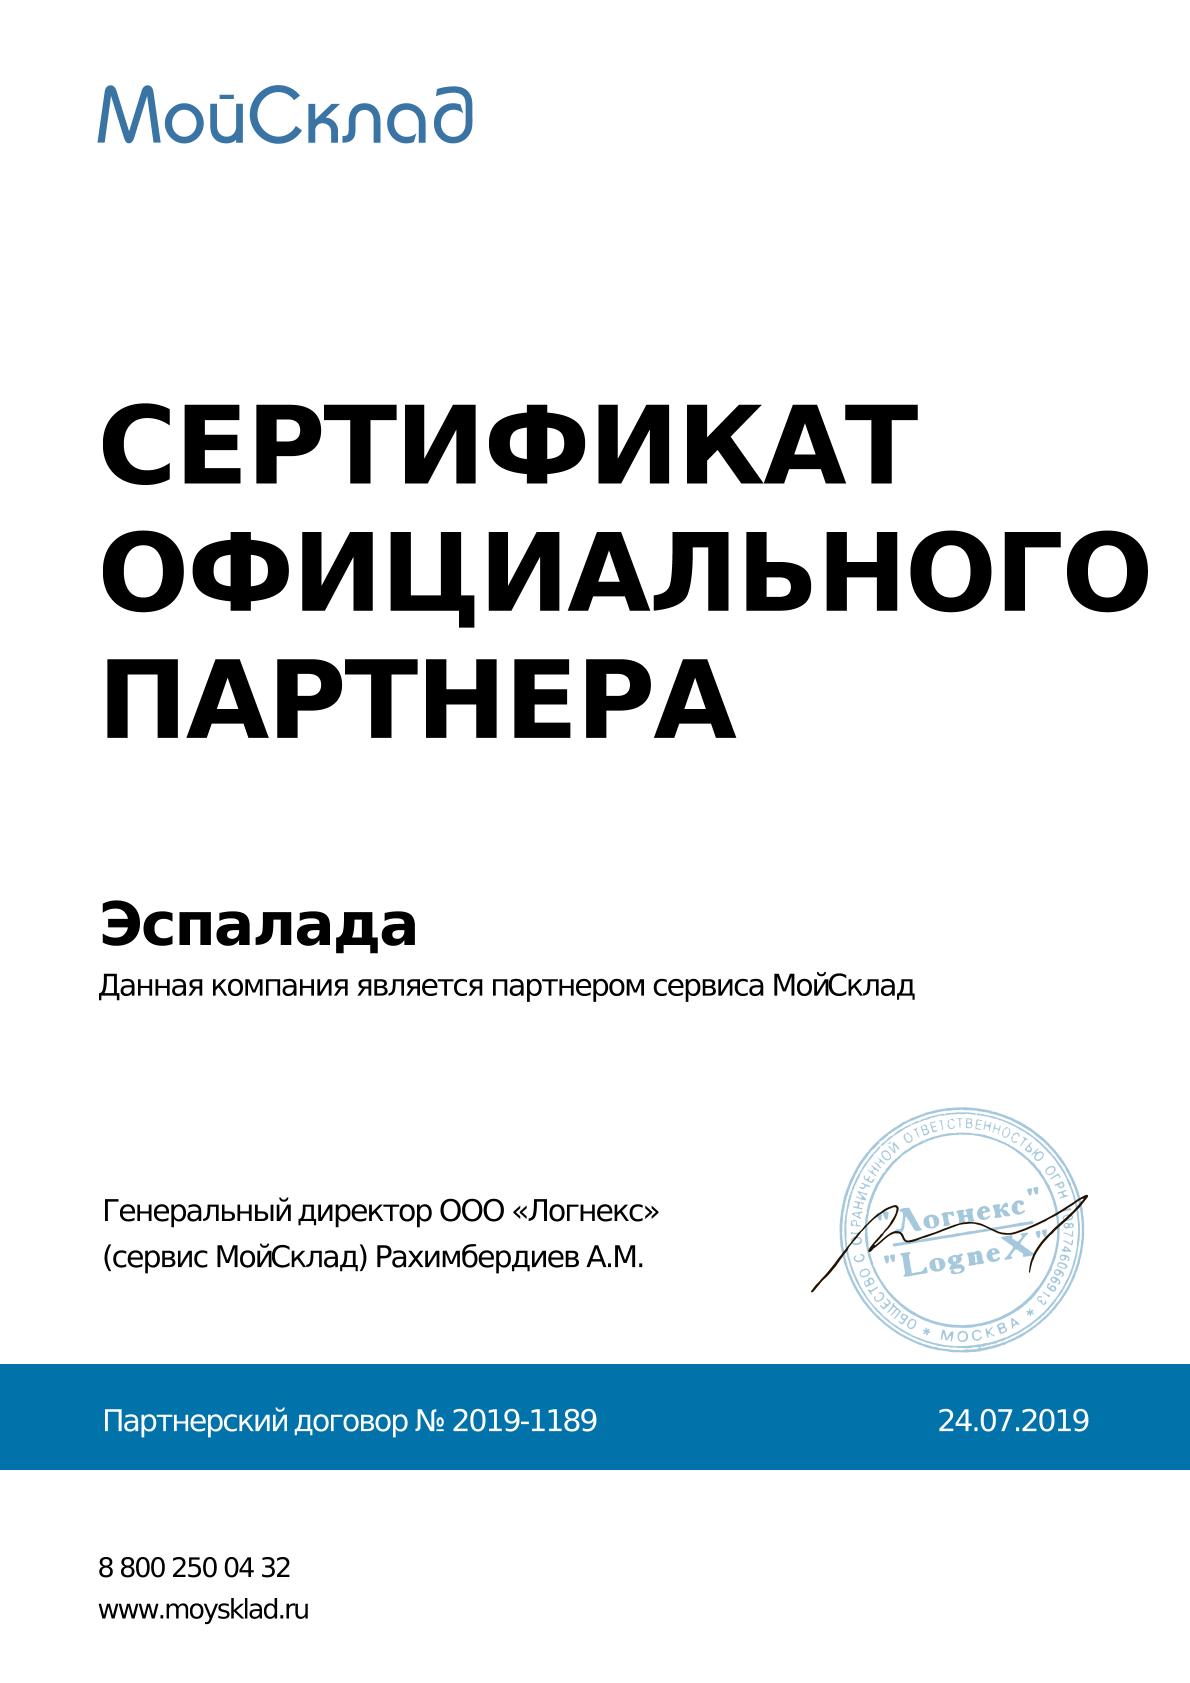 Сертификат от МойСклад